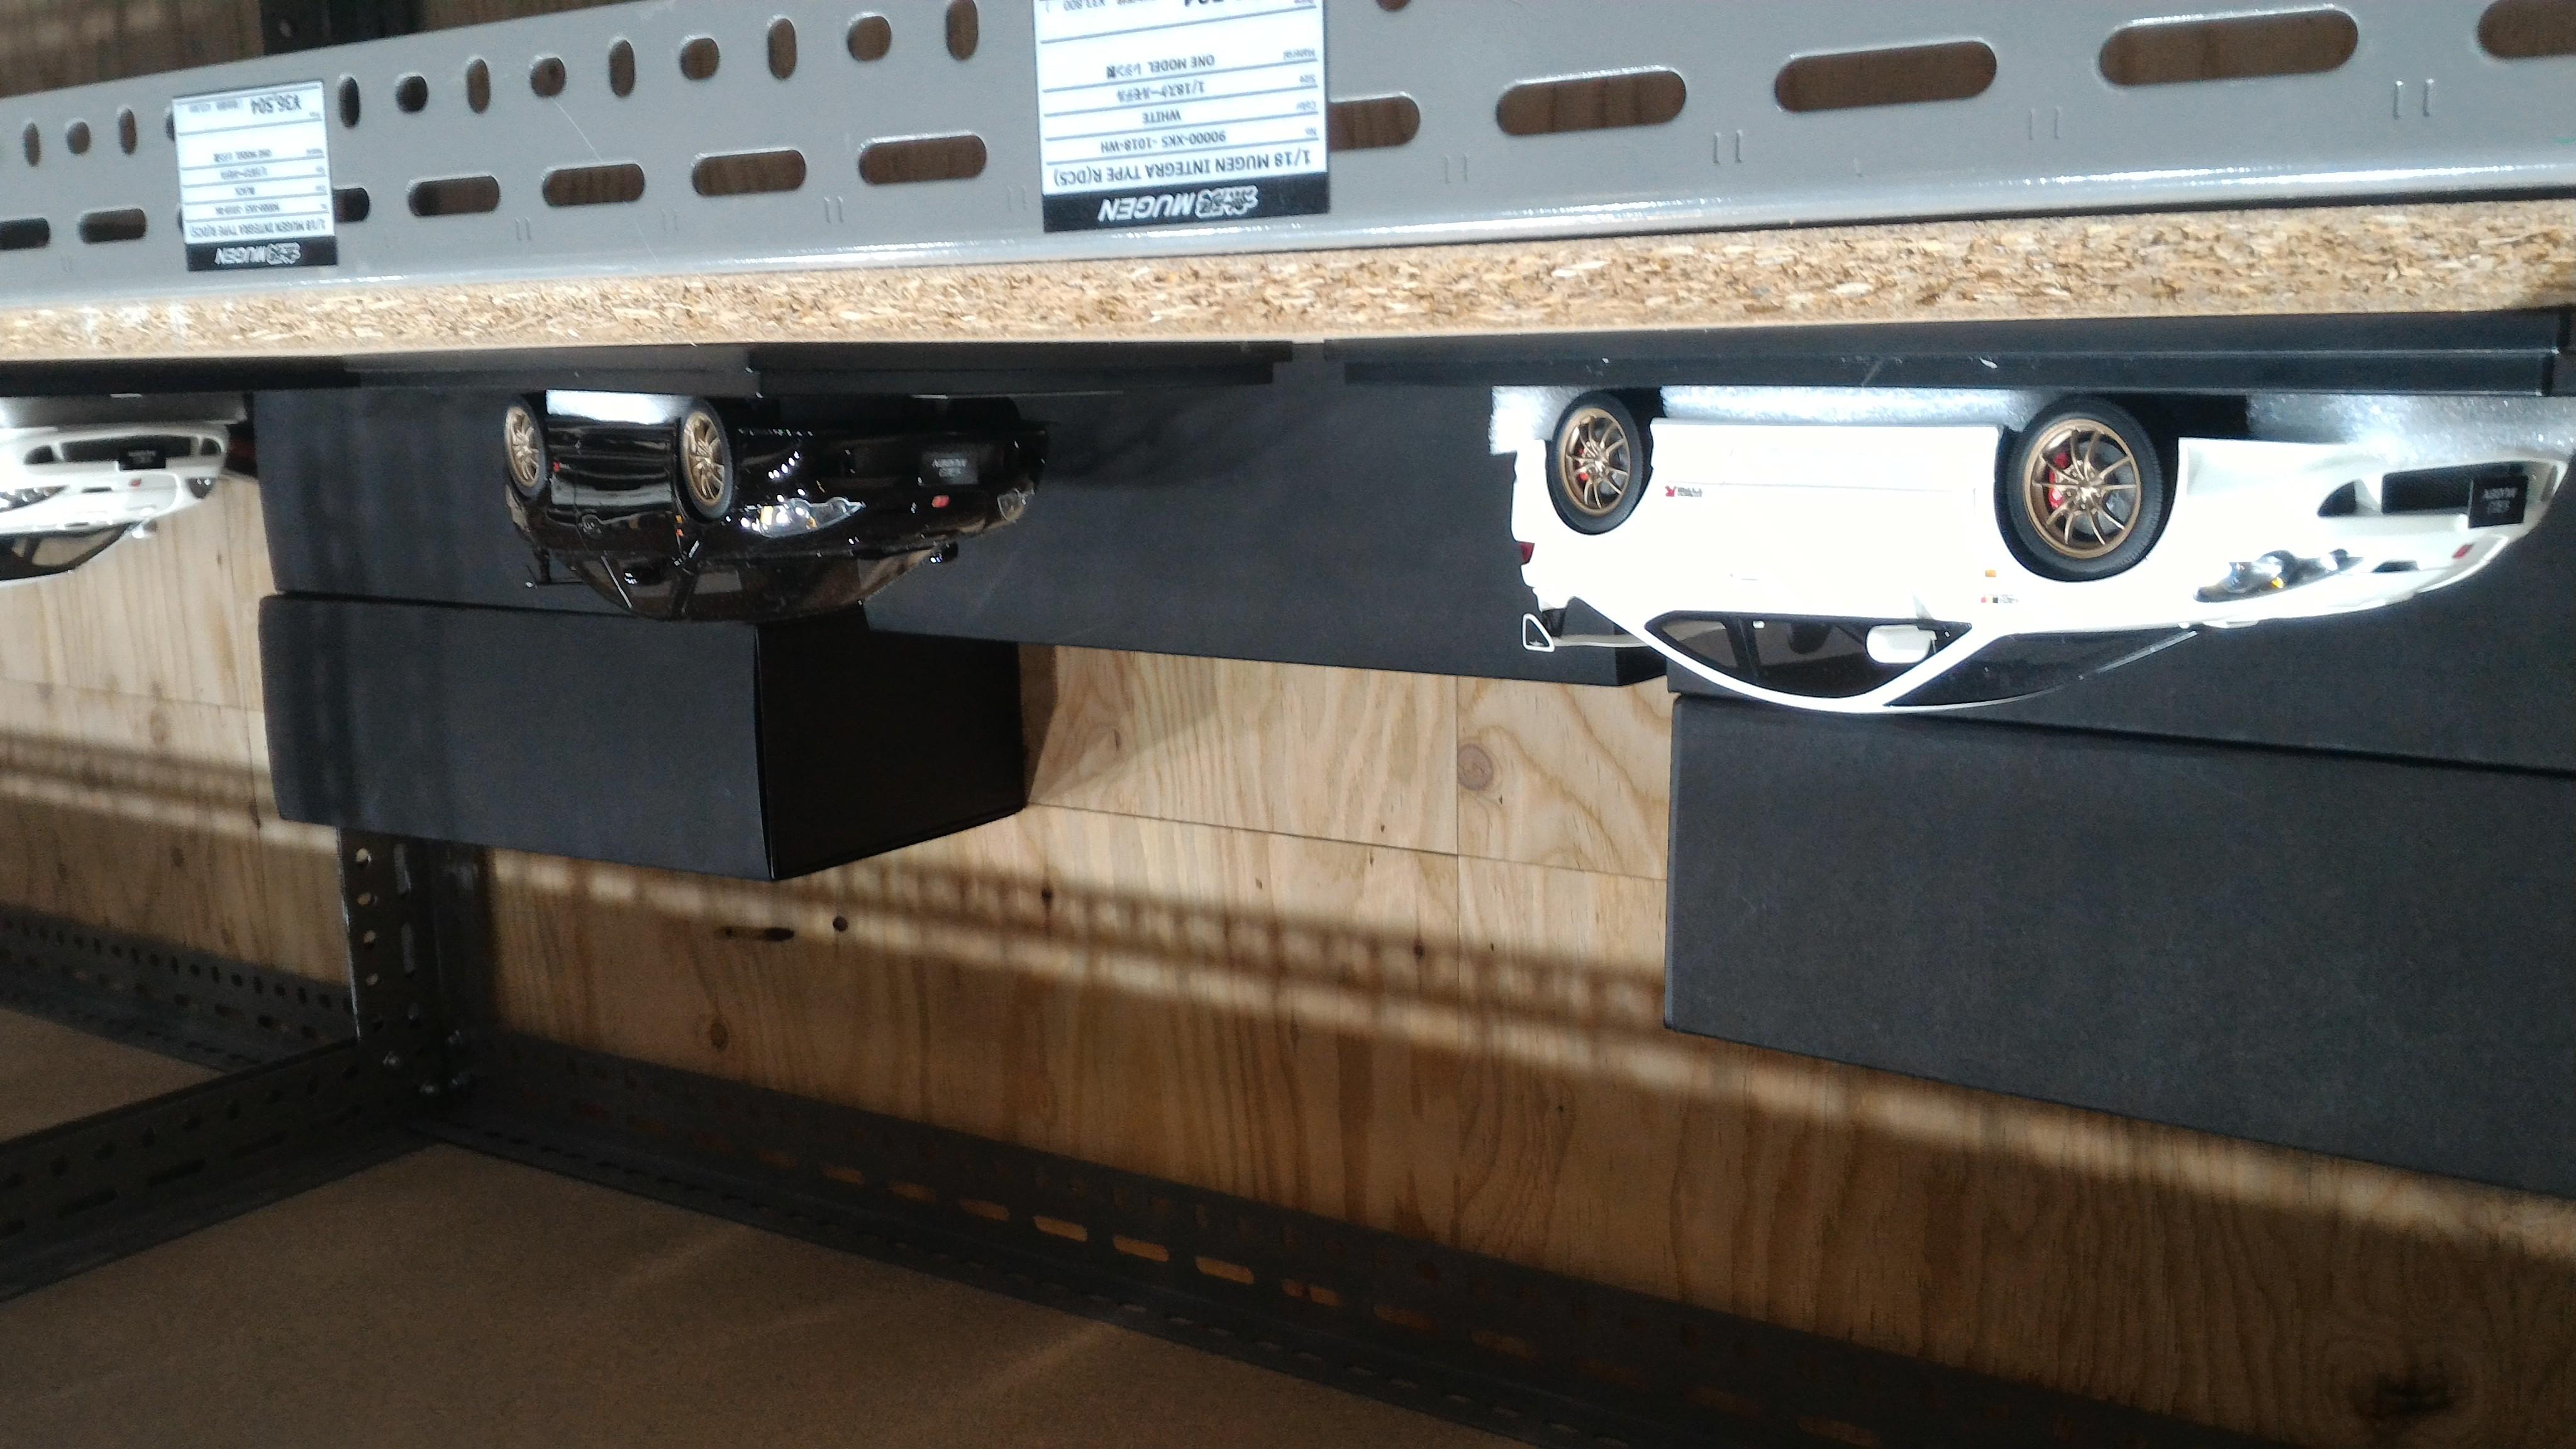 インテグラDC5ミニカー画像